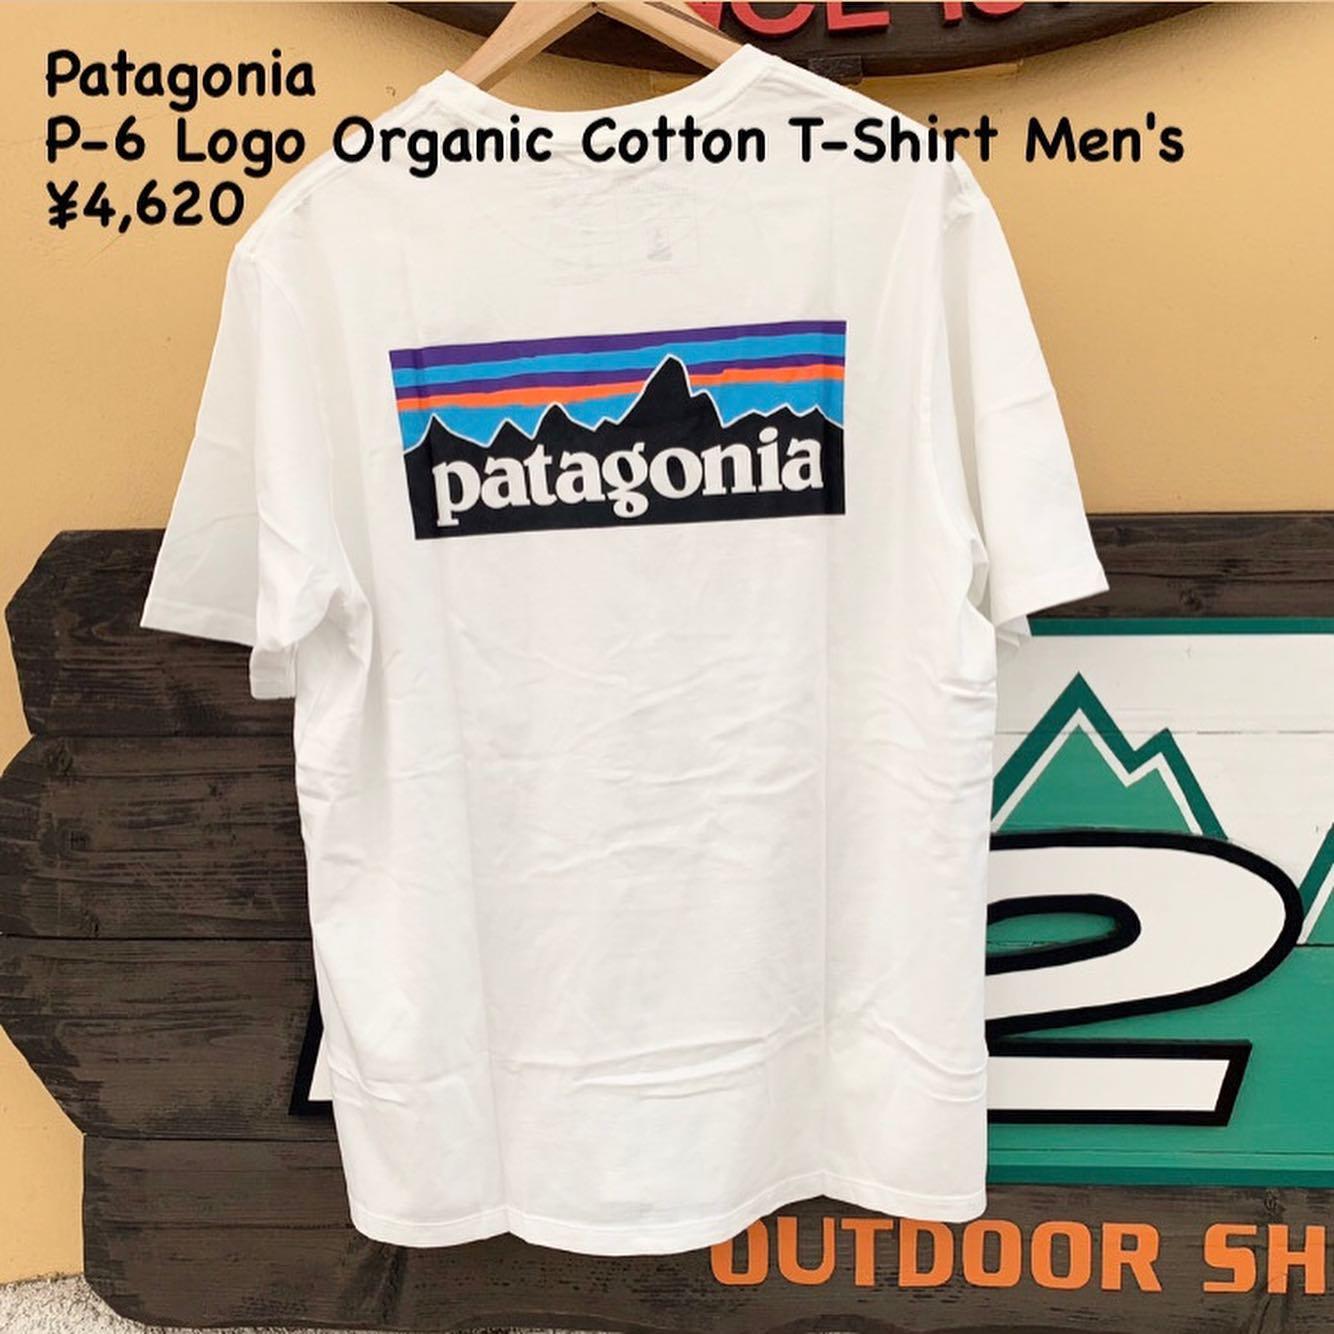 涼しく、風通しがよく、軽量Patagonia P-6ロゴ オーガニック Tシャツ メンズのご紹介